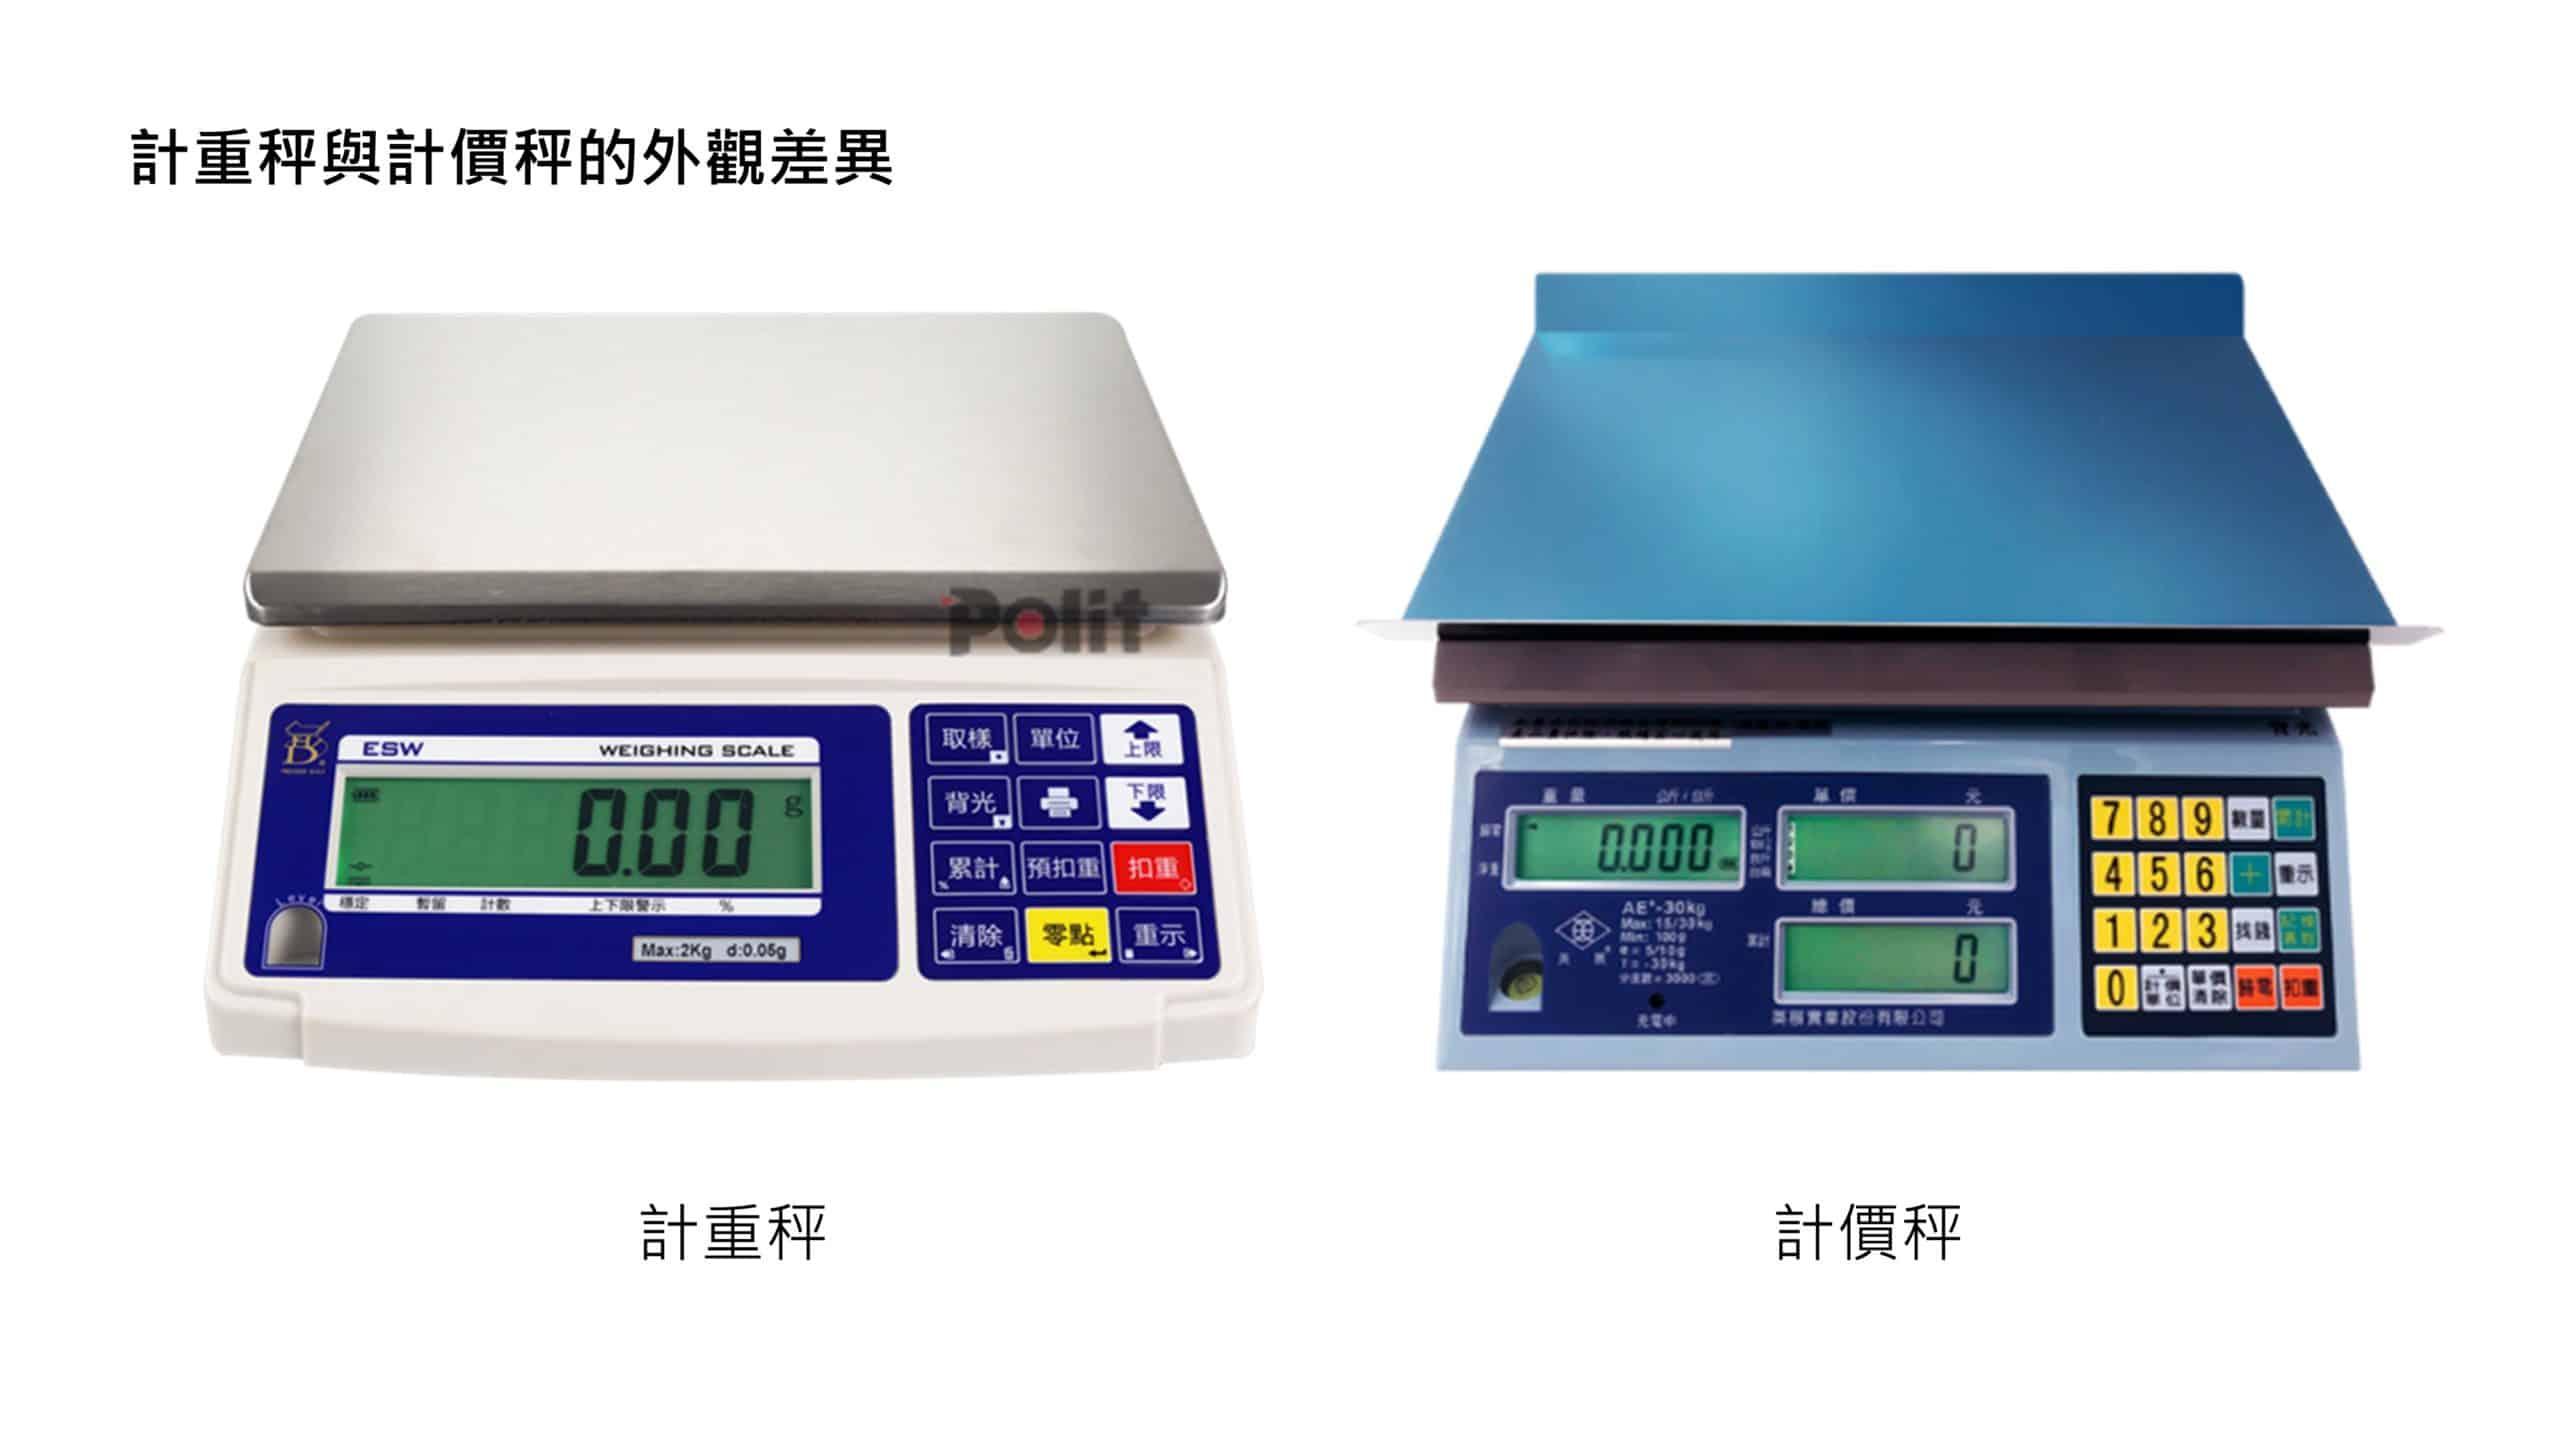 計重秤與計價秤 電子秤的差別之計重秤、計數秤、計價秤 | 沛禮國際 Polit 電子秤專賣